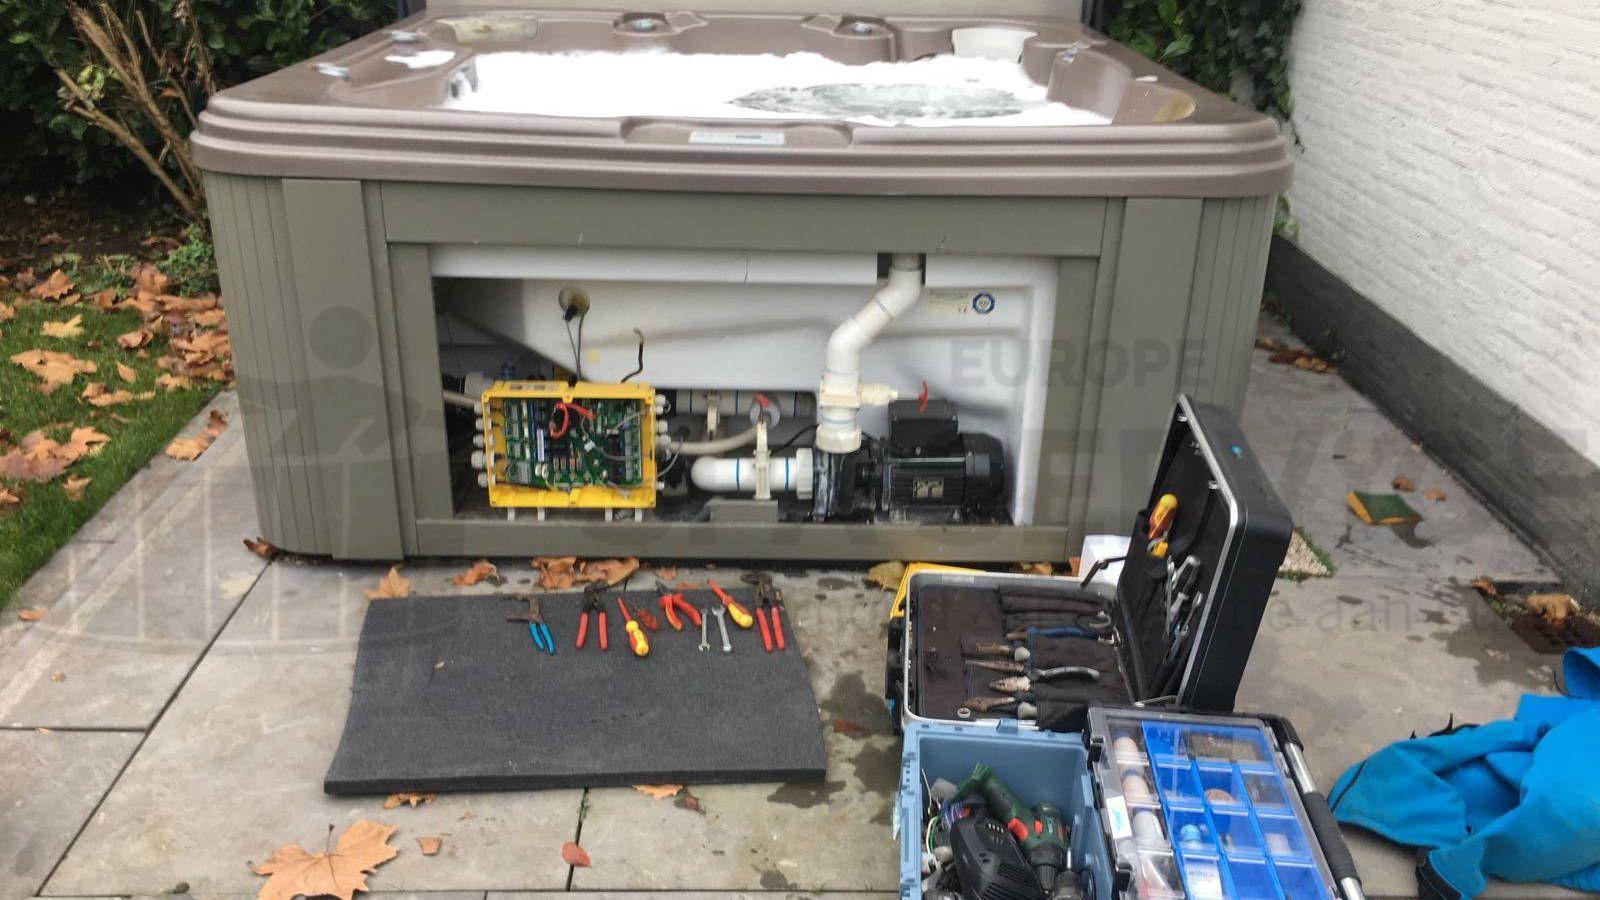 Schoonmaakbeurt en ozonator vervangen van een Four Seasons spa in Vught